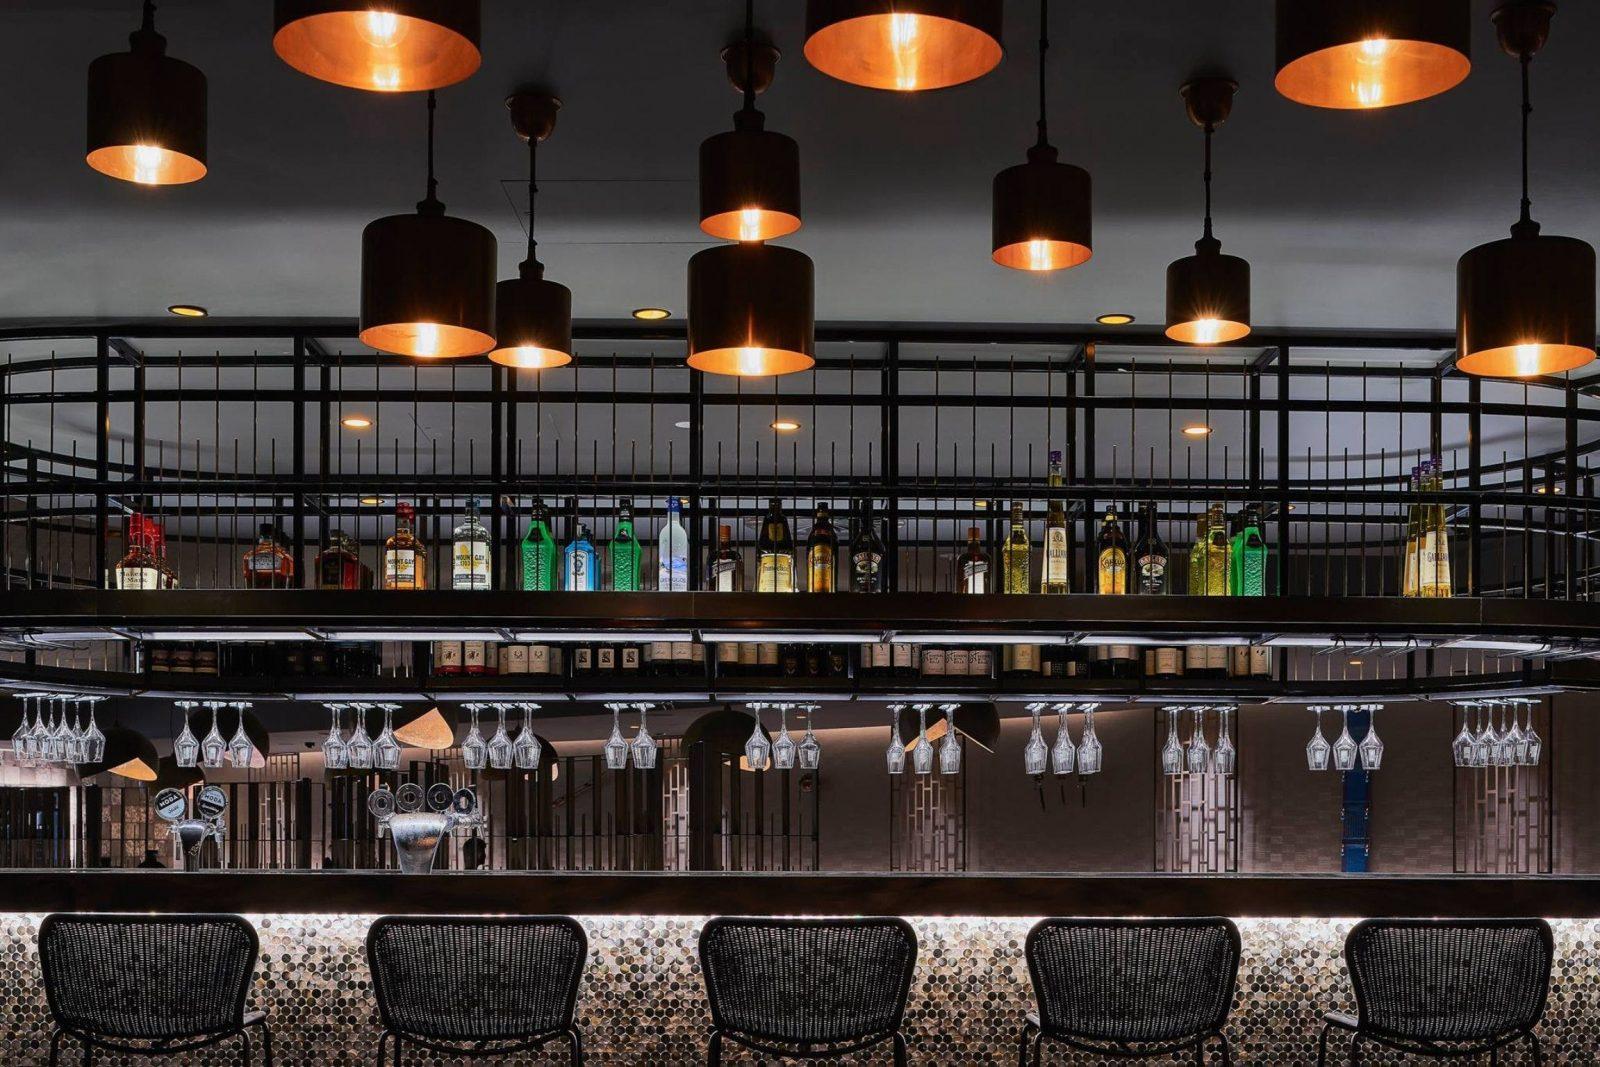 Bar set up with beautiful lighting